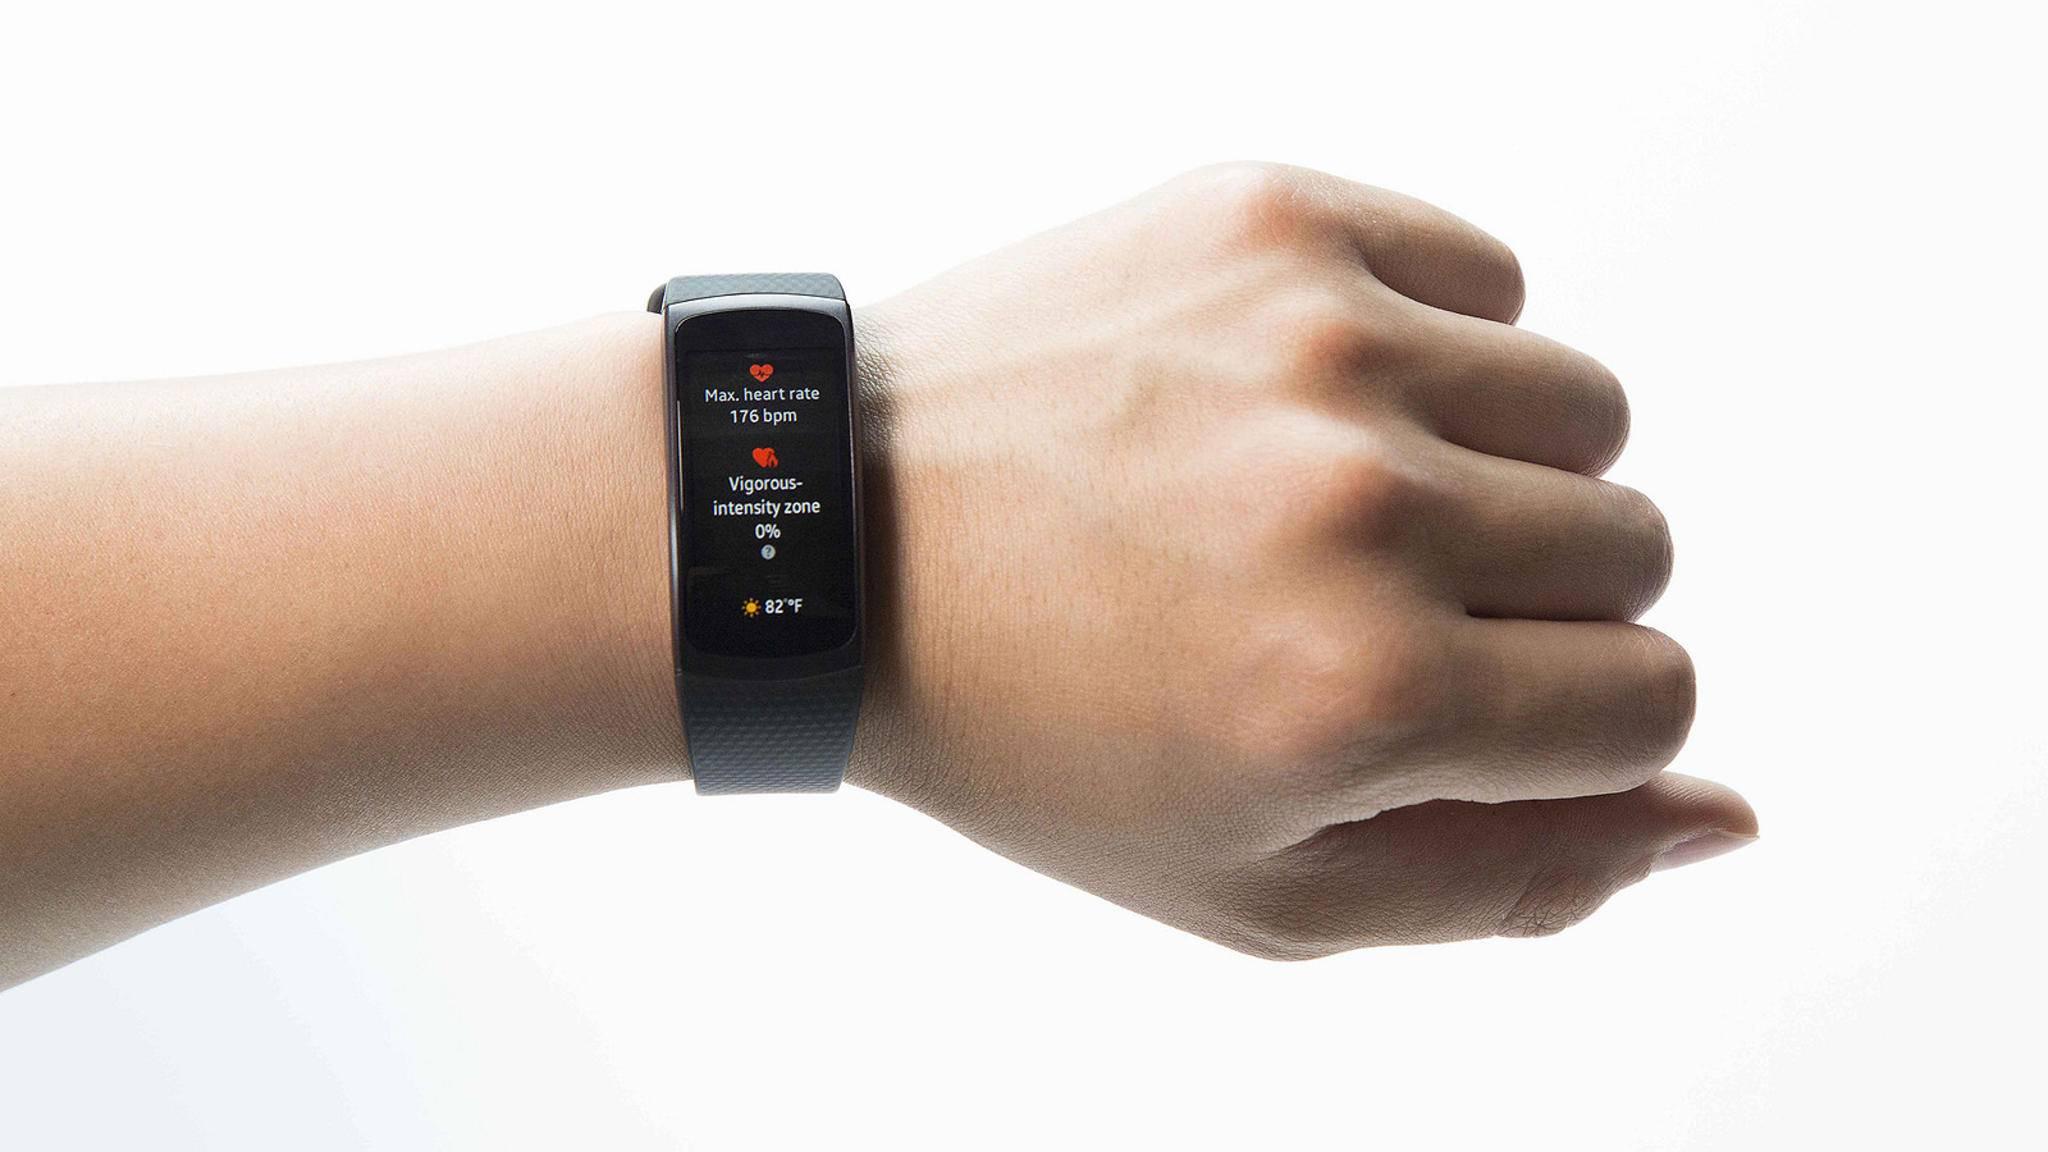 Das wird aber auch Zeit: Samsung könnte bald einen neuen Fitness-Tracker auf den Markt bringen.